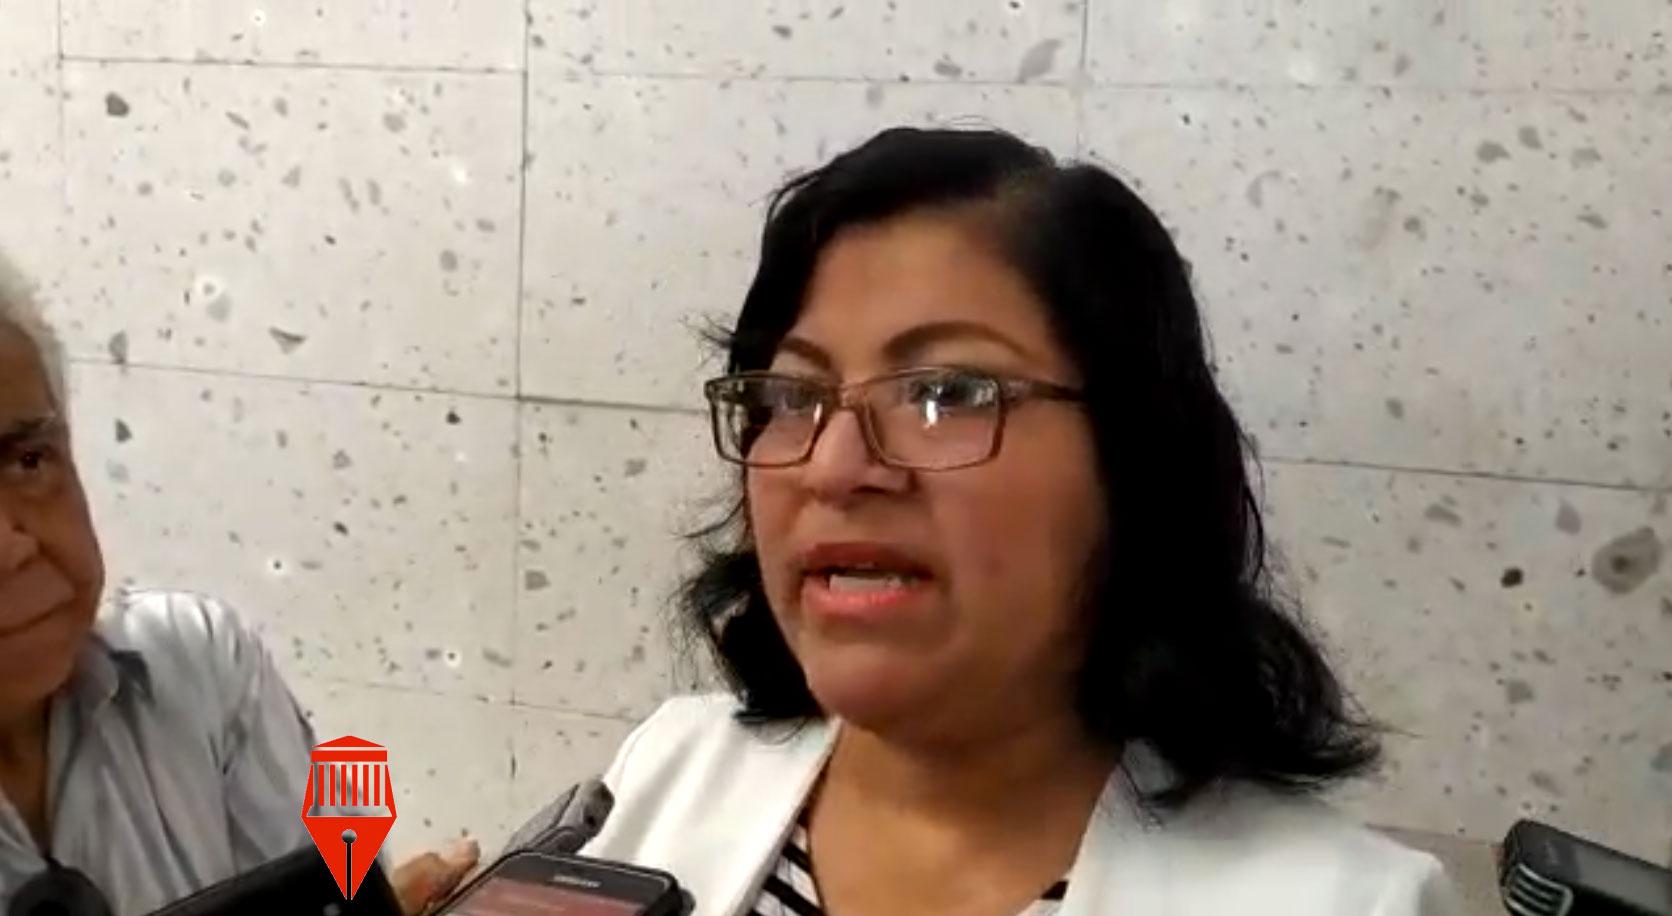 La secretaria de Medio Ambiente (Sedema), Rocío Pérez Pérez anunció que se aplicará una multa económica contra el Ayuntamiento de Veracruz por no recolectar los desechos en hospitales.